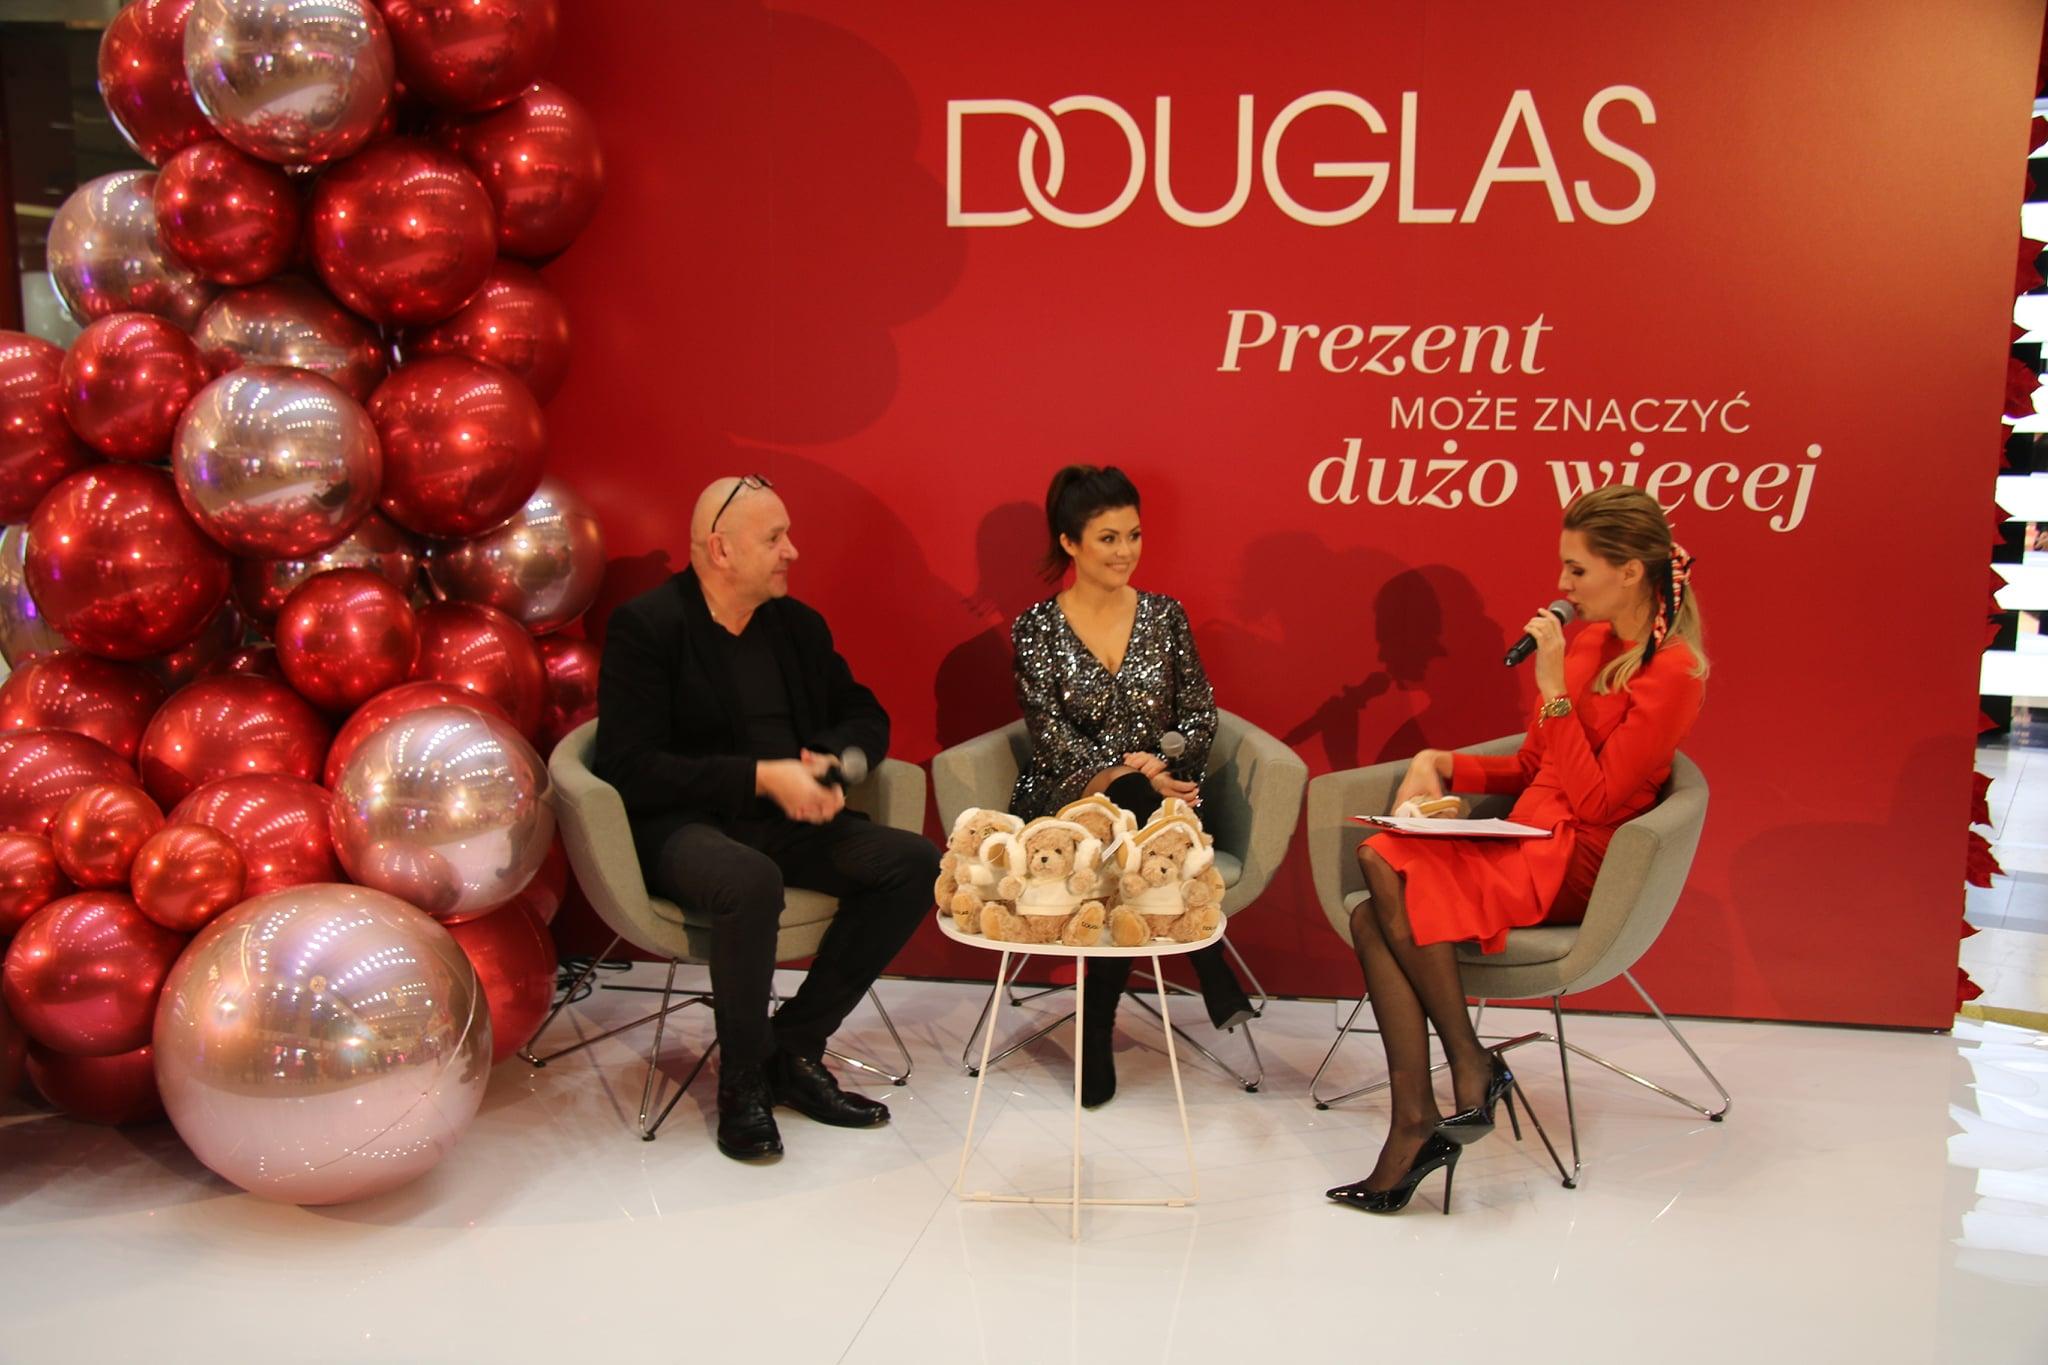 Wyjątkowa akcja z Perfumerią Douglas!